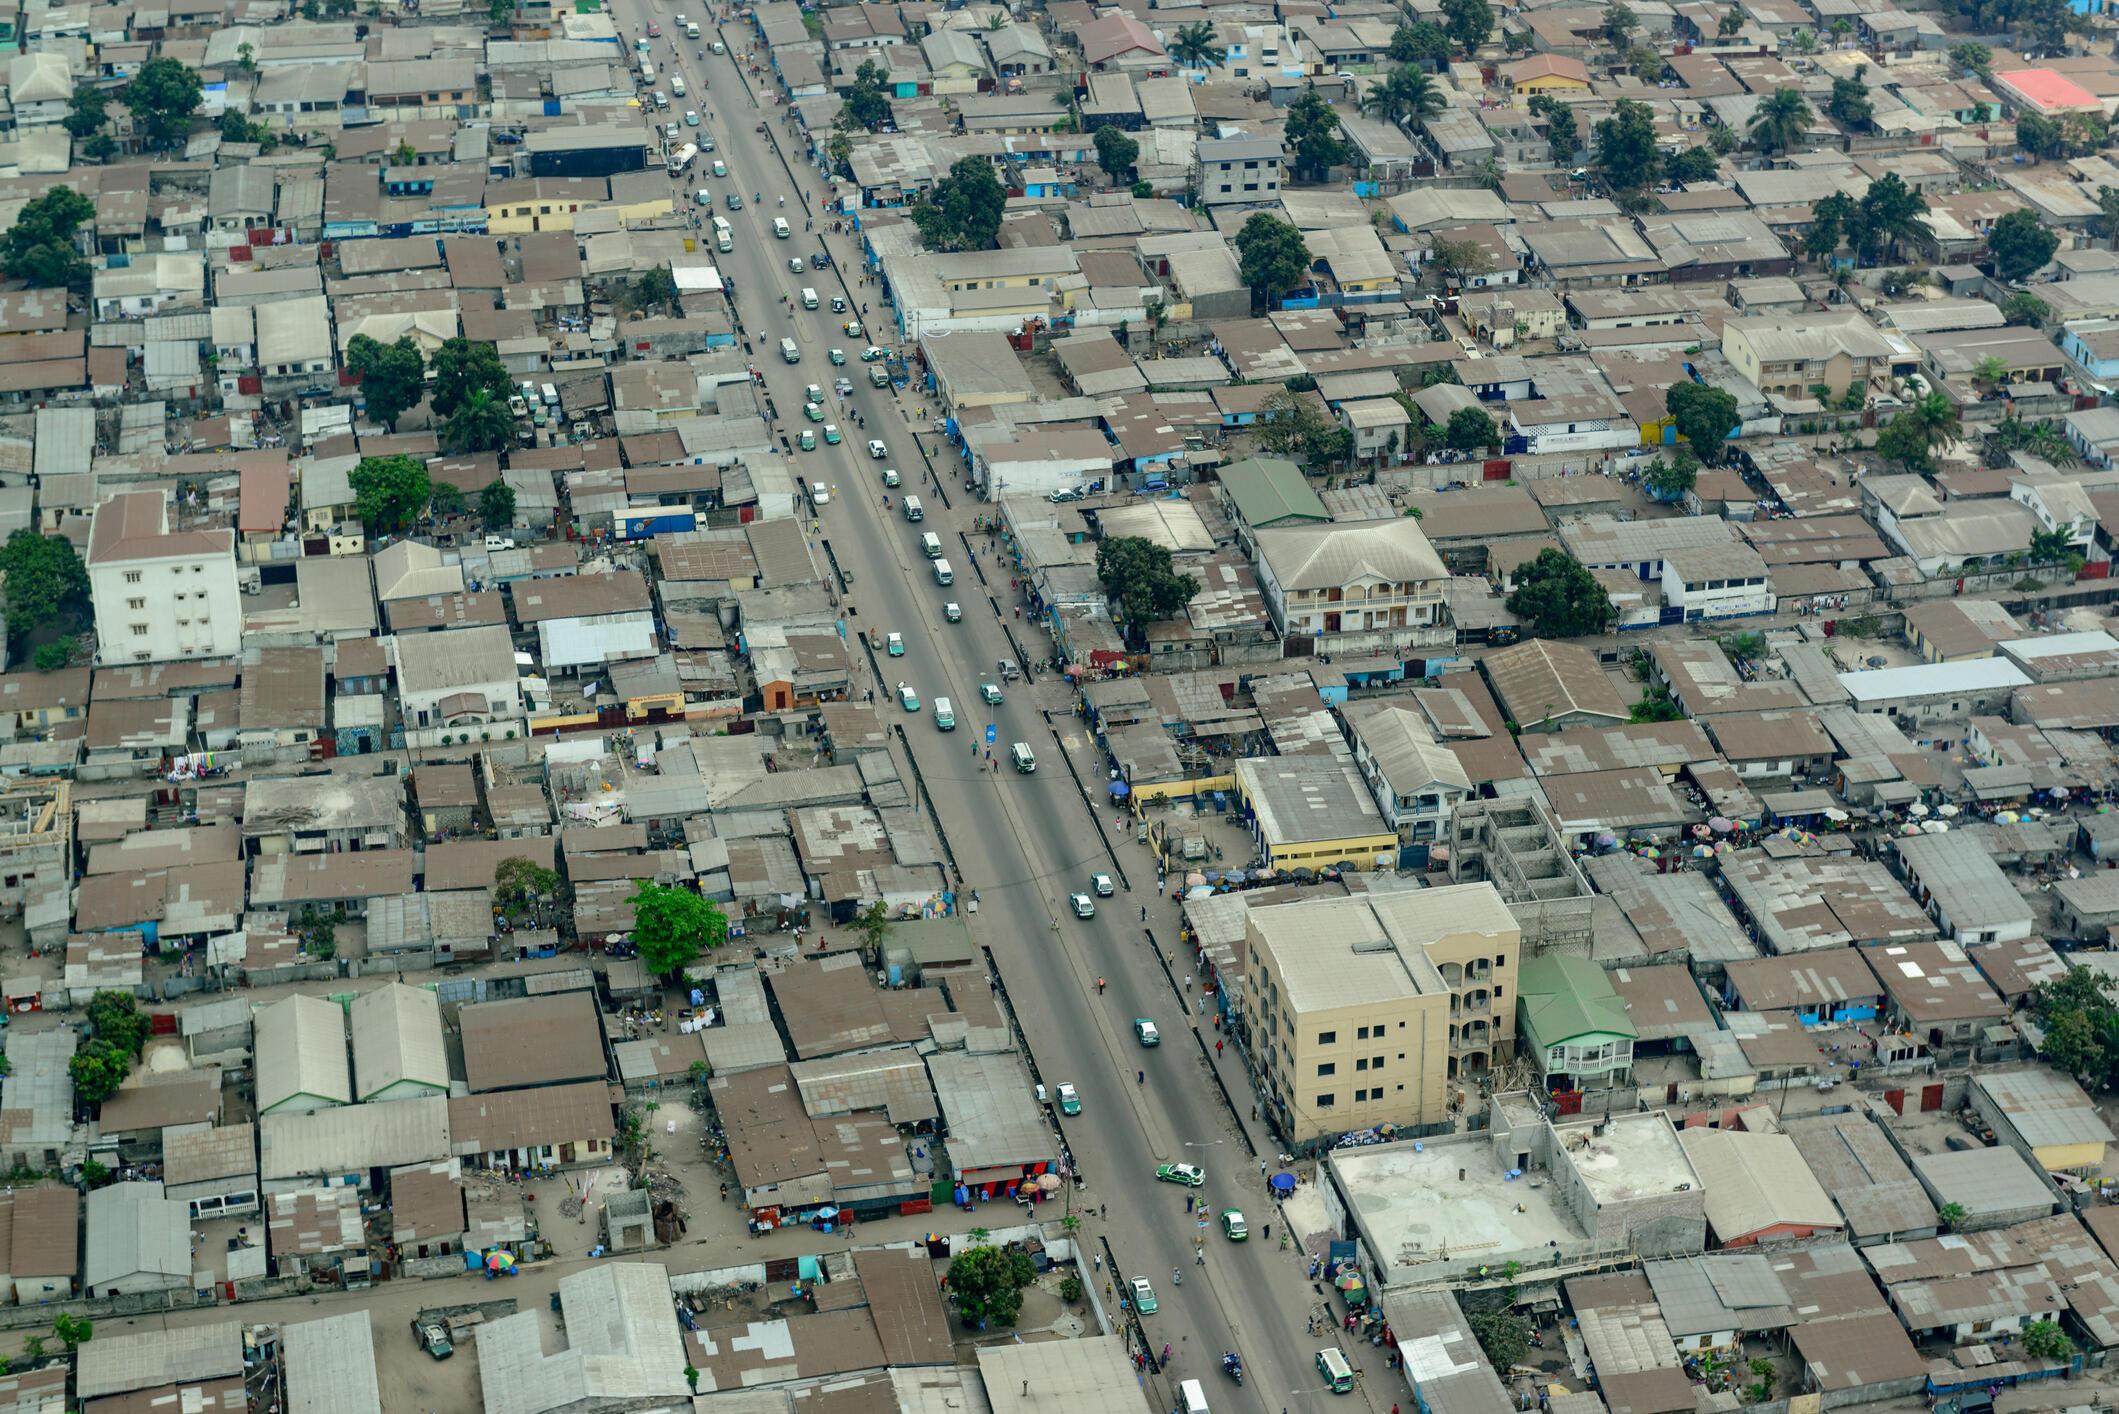 Une vue aérienne de Brazzaville au Congo (image d'illustration).